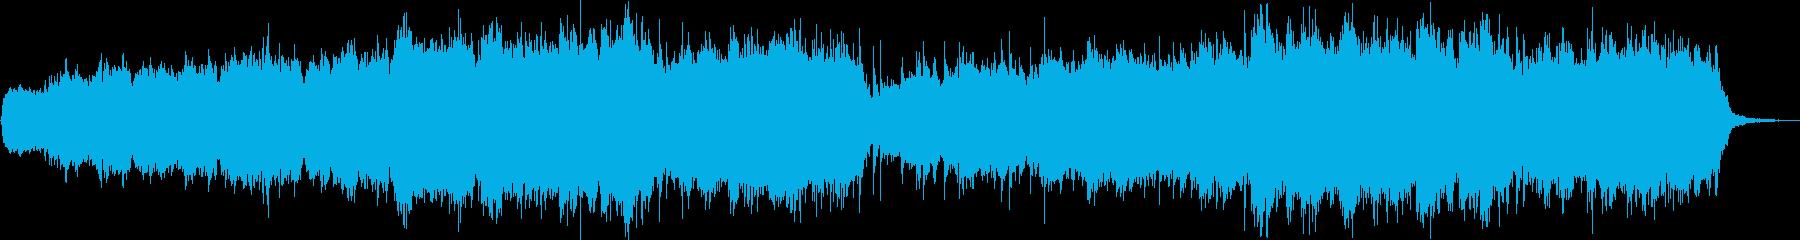 エニグマやアディエマスのような合唱曲の再生済みの波形